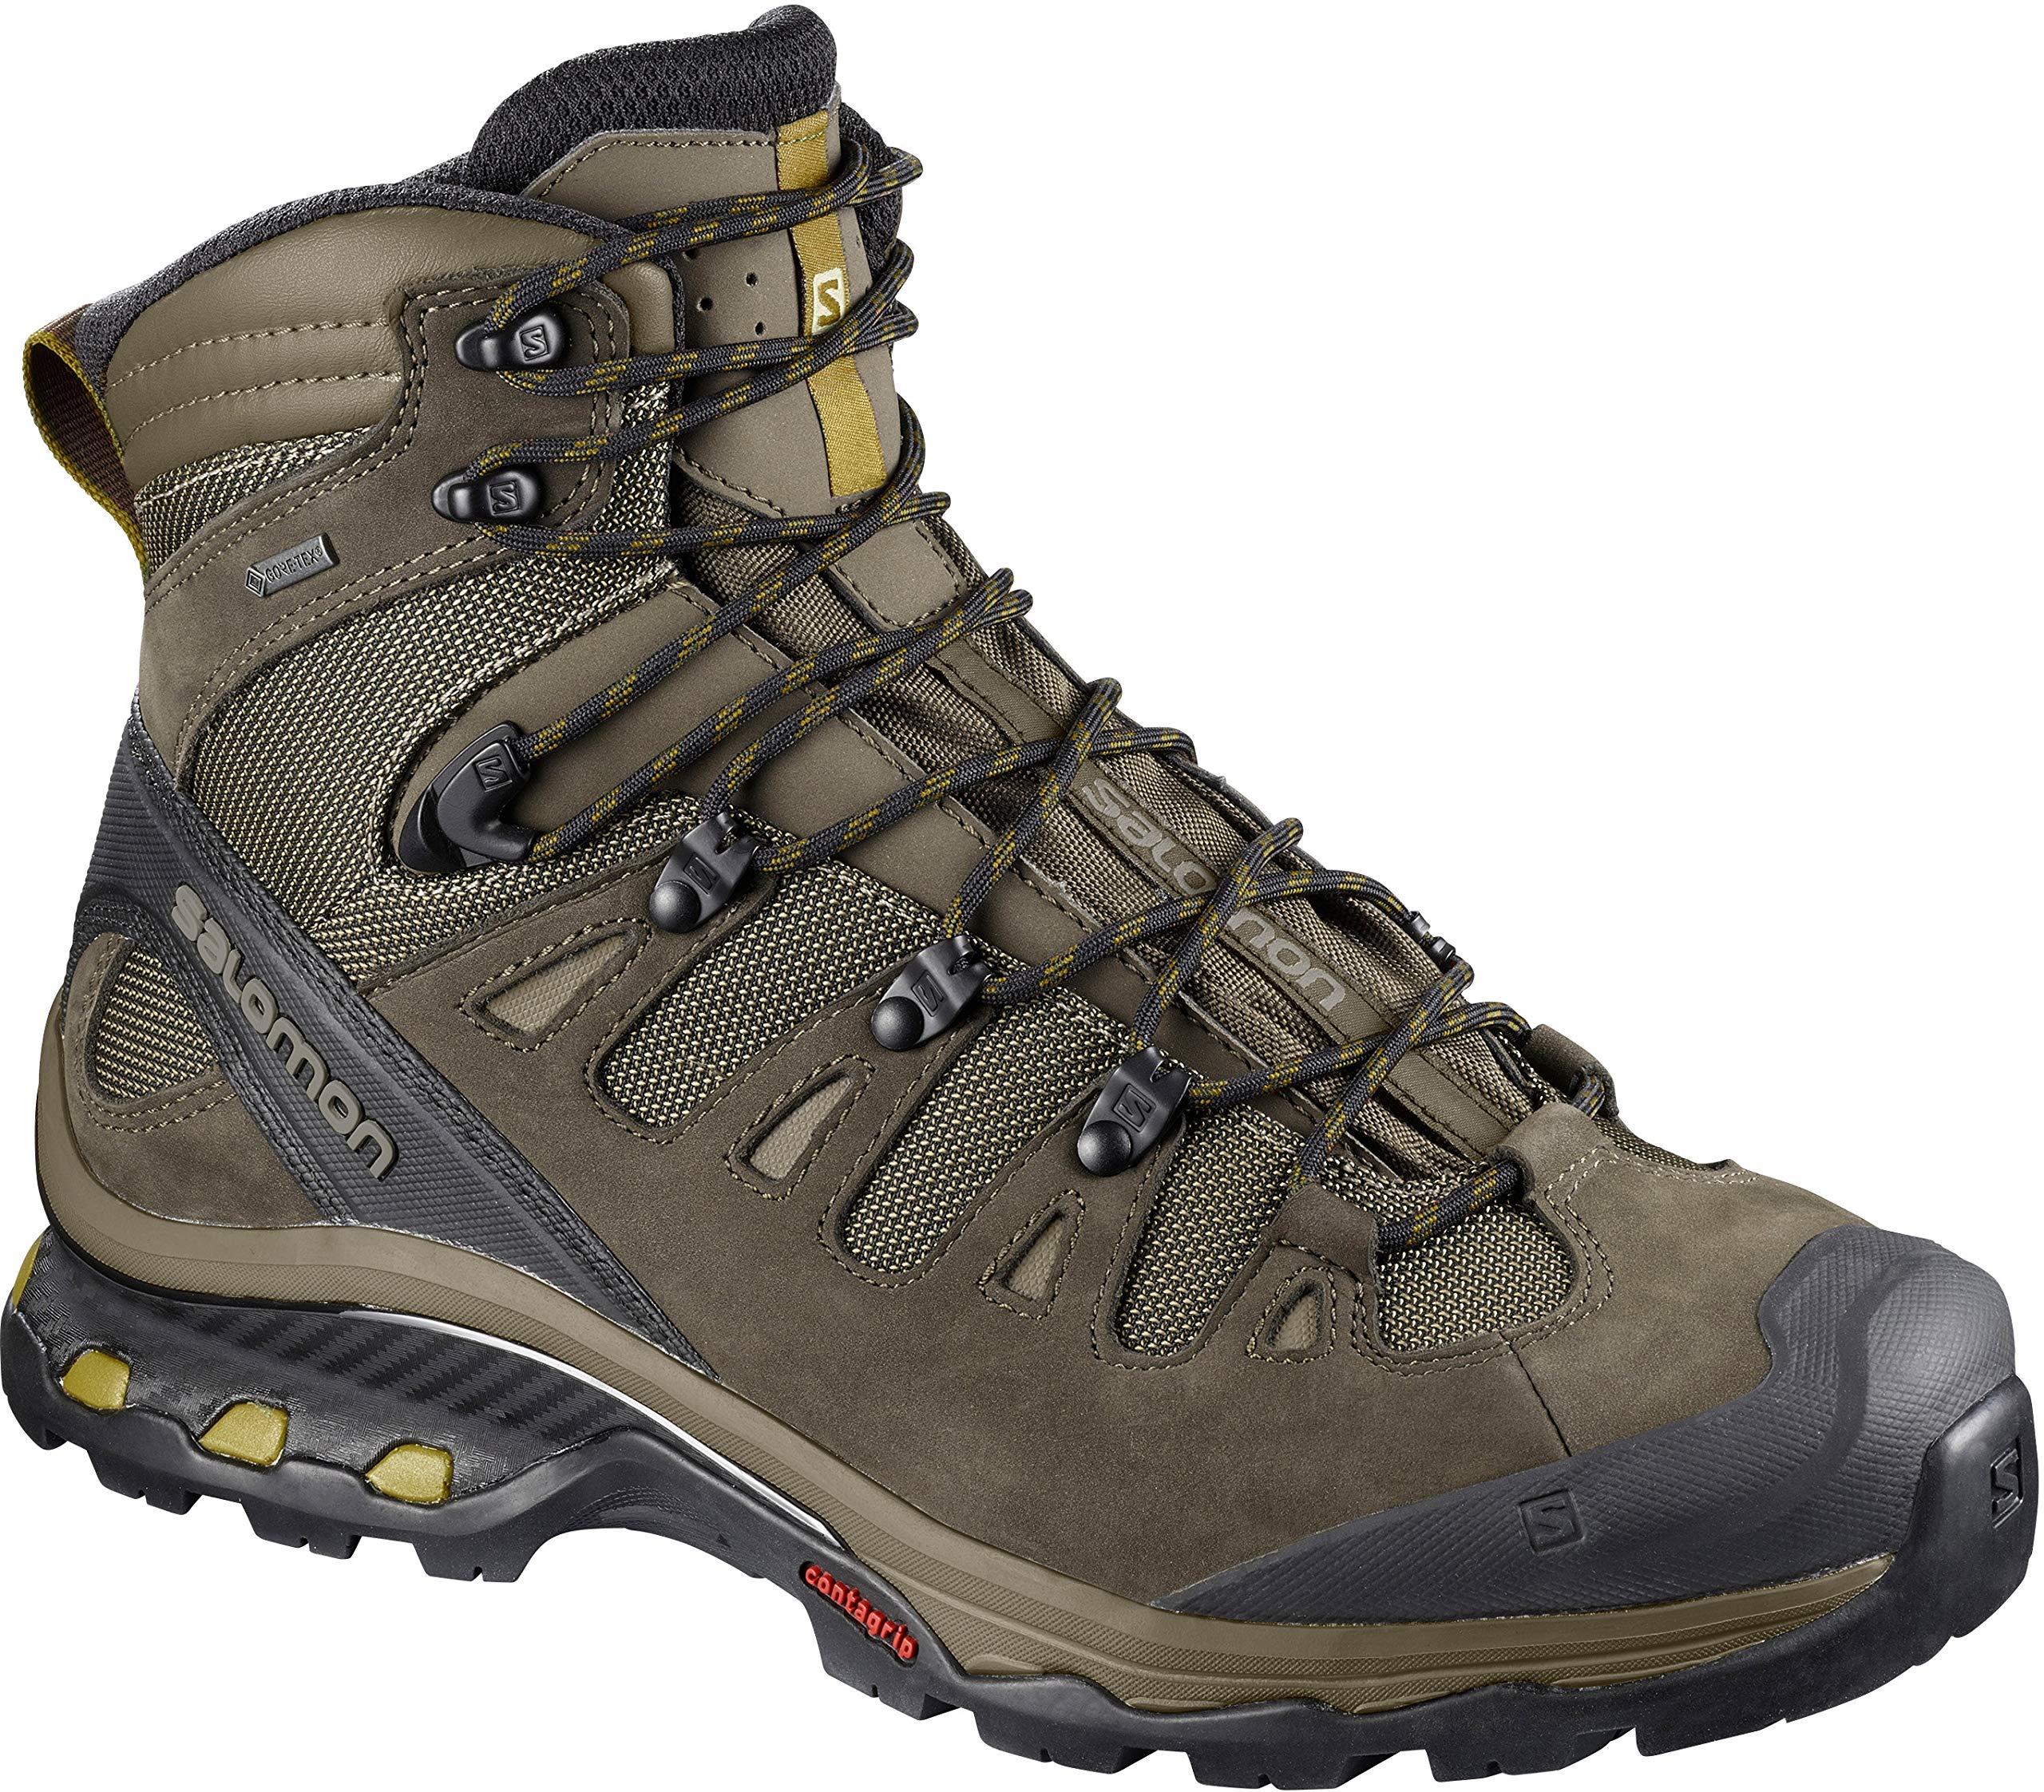 85bda74d2 Top Chaussures de multisports outdoor homme selon les notes Amazon.fr